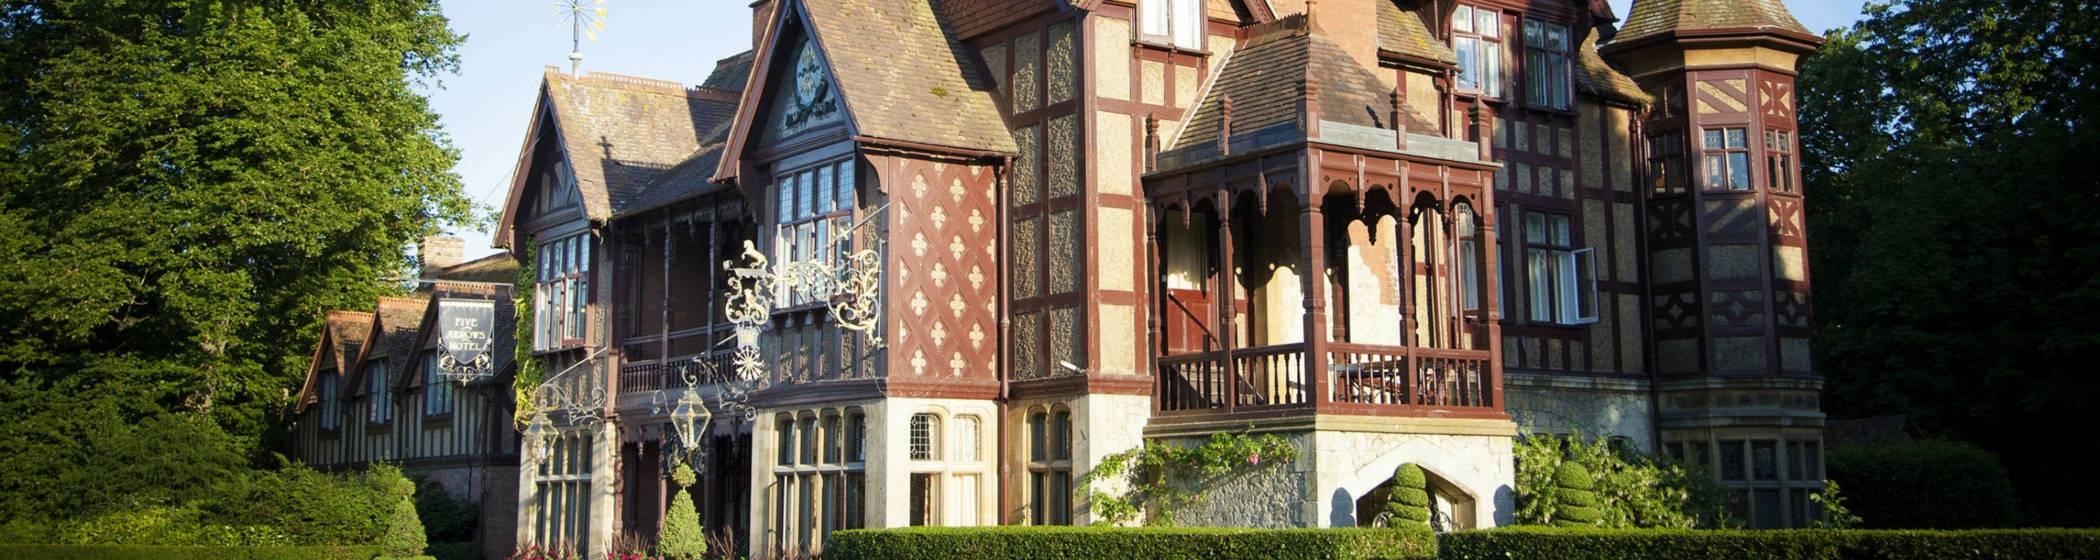 Five Arrows hotel exterior